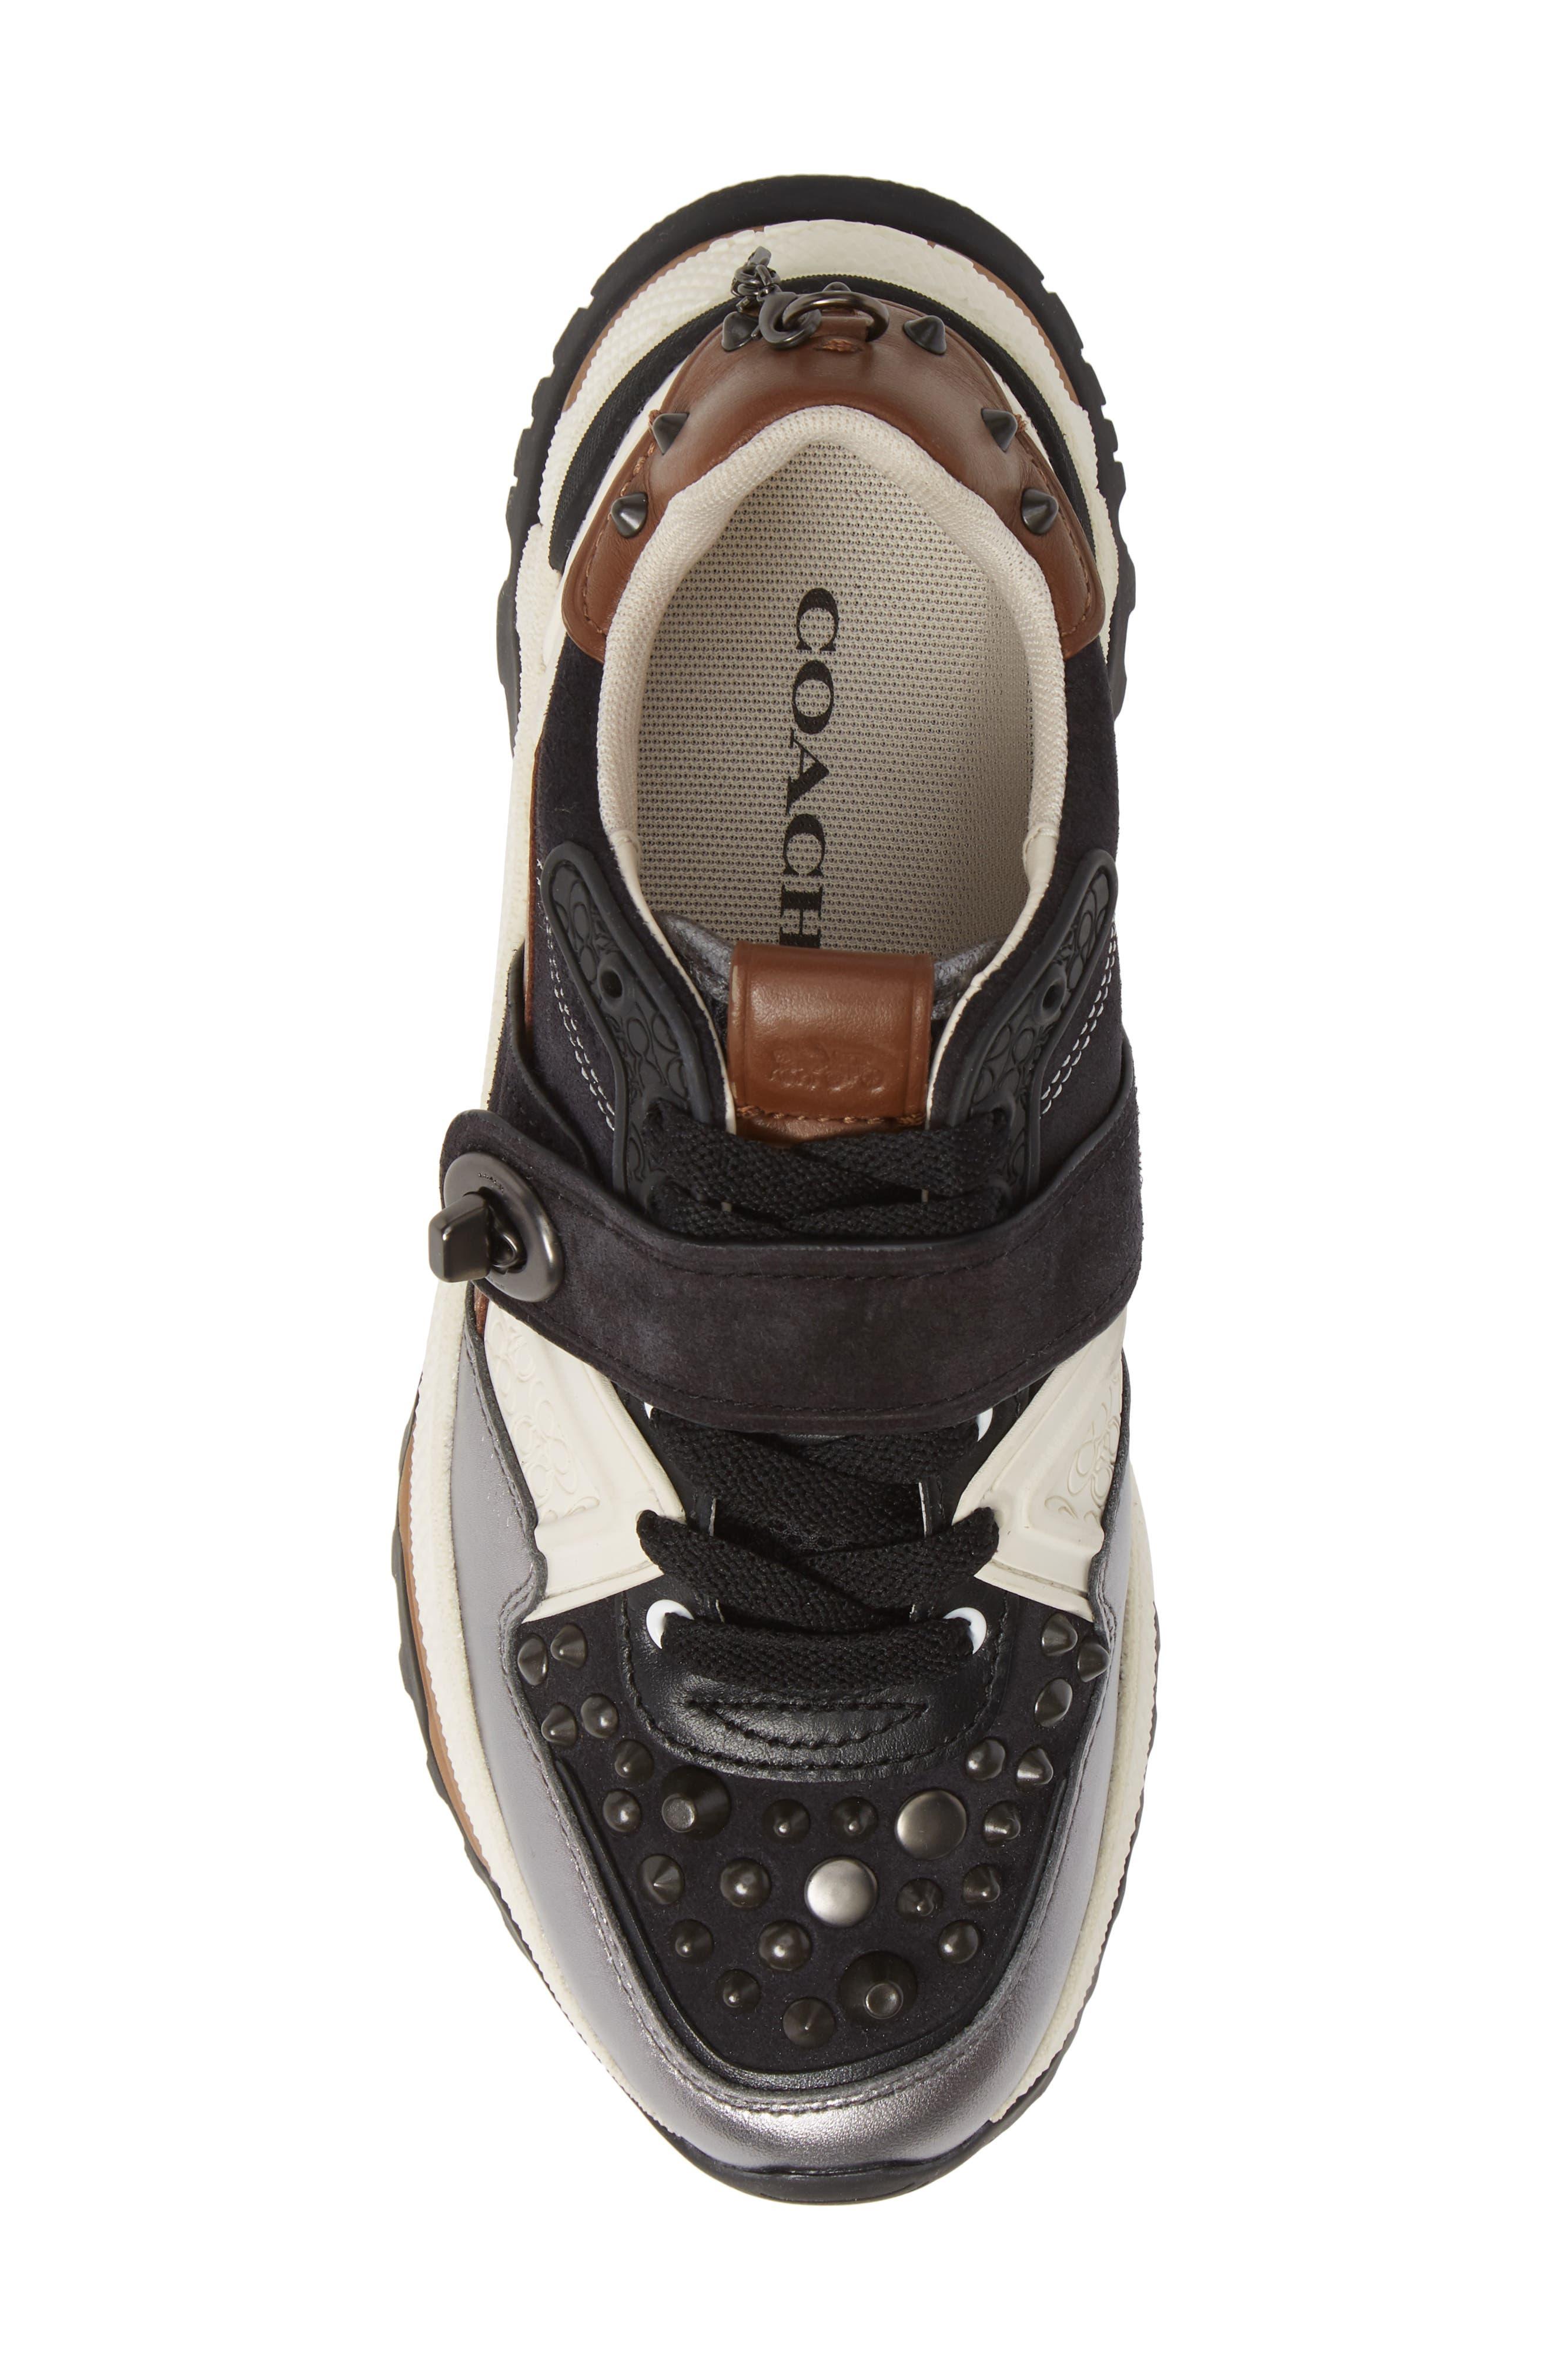 C143 Studded Sneaker,                             Alternate thumbnail 5, color,                             BLACK/ GUNMETAL LEATHER